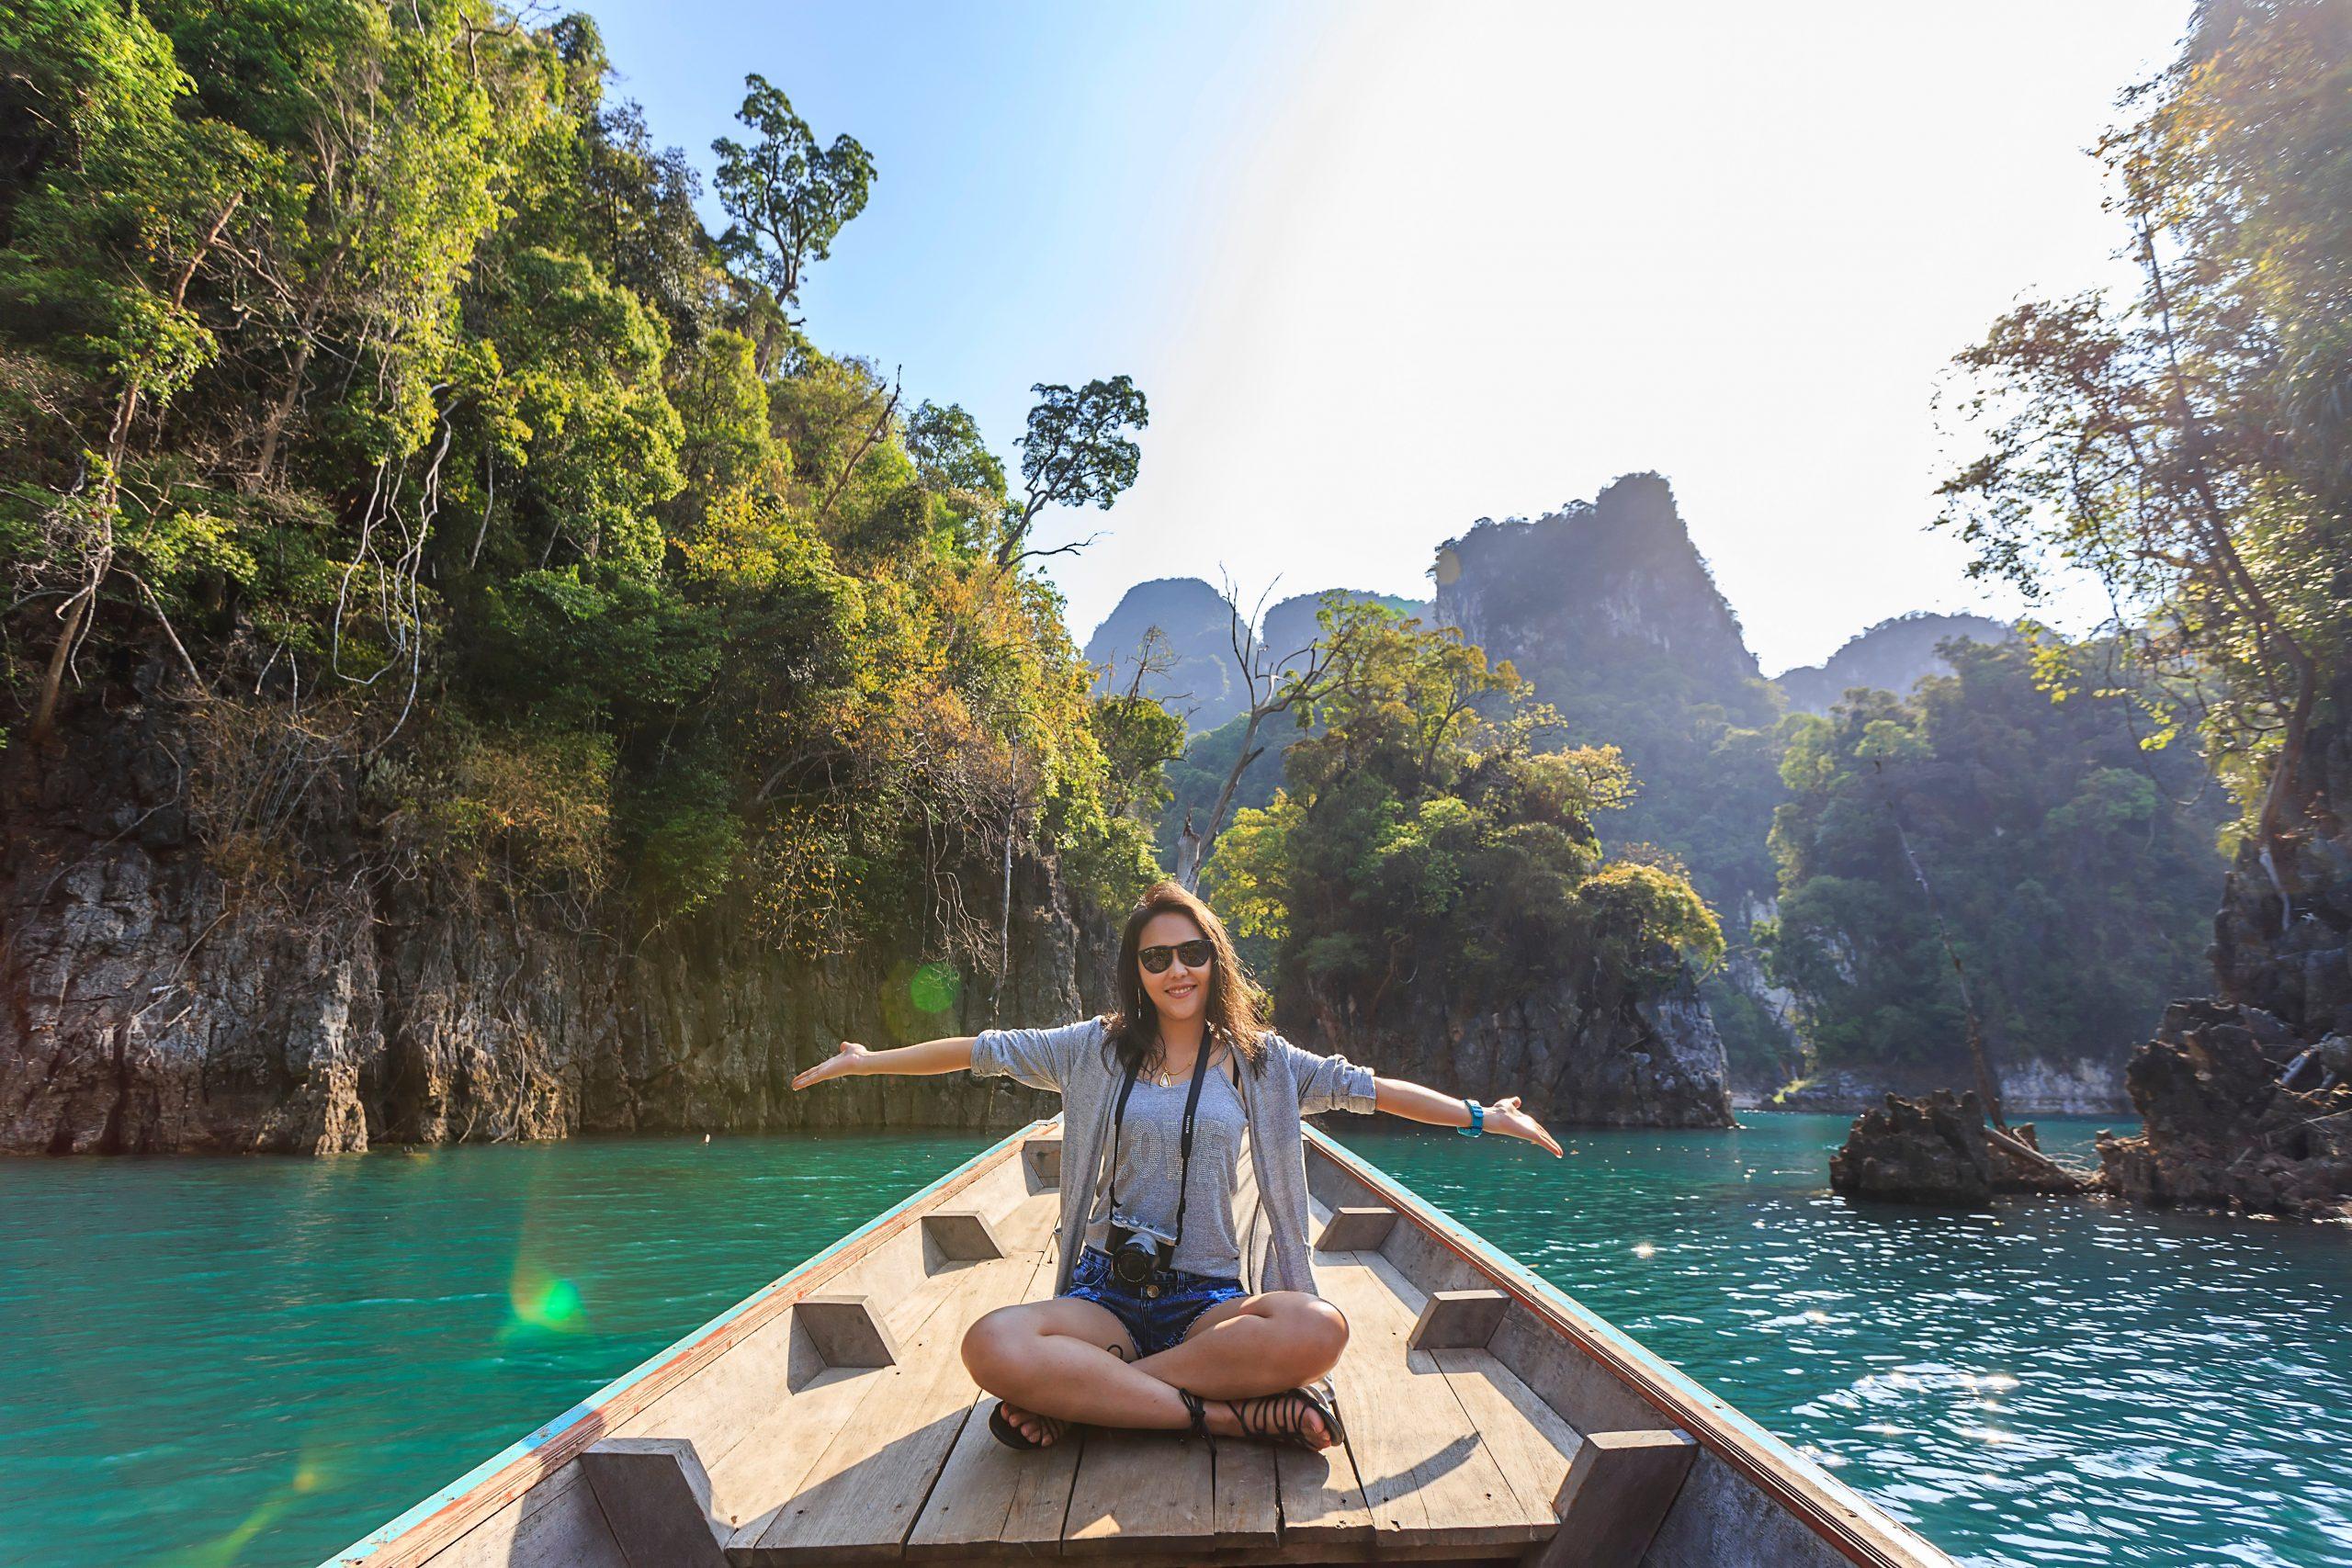 ¡Disfruta el turismo que más se adapta a ti!